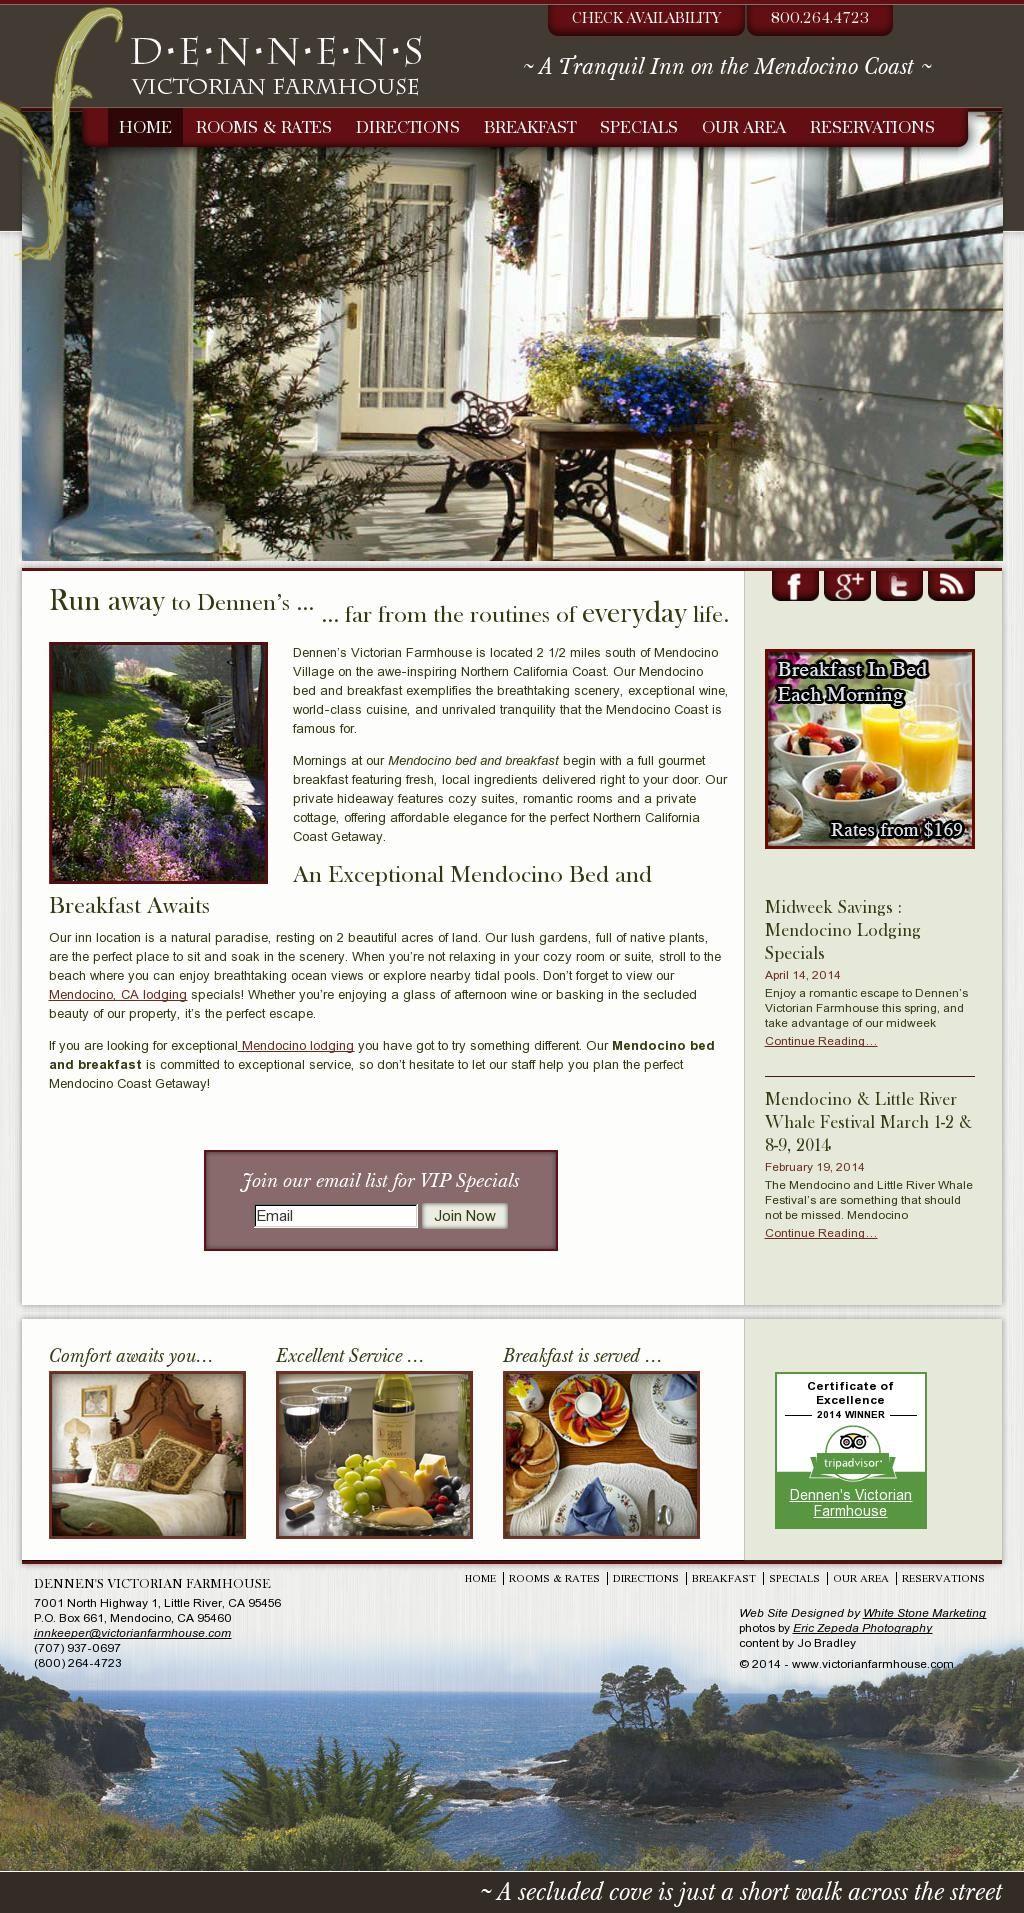 The website a stunning